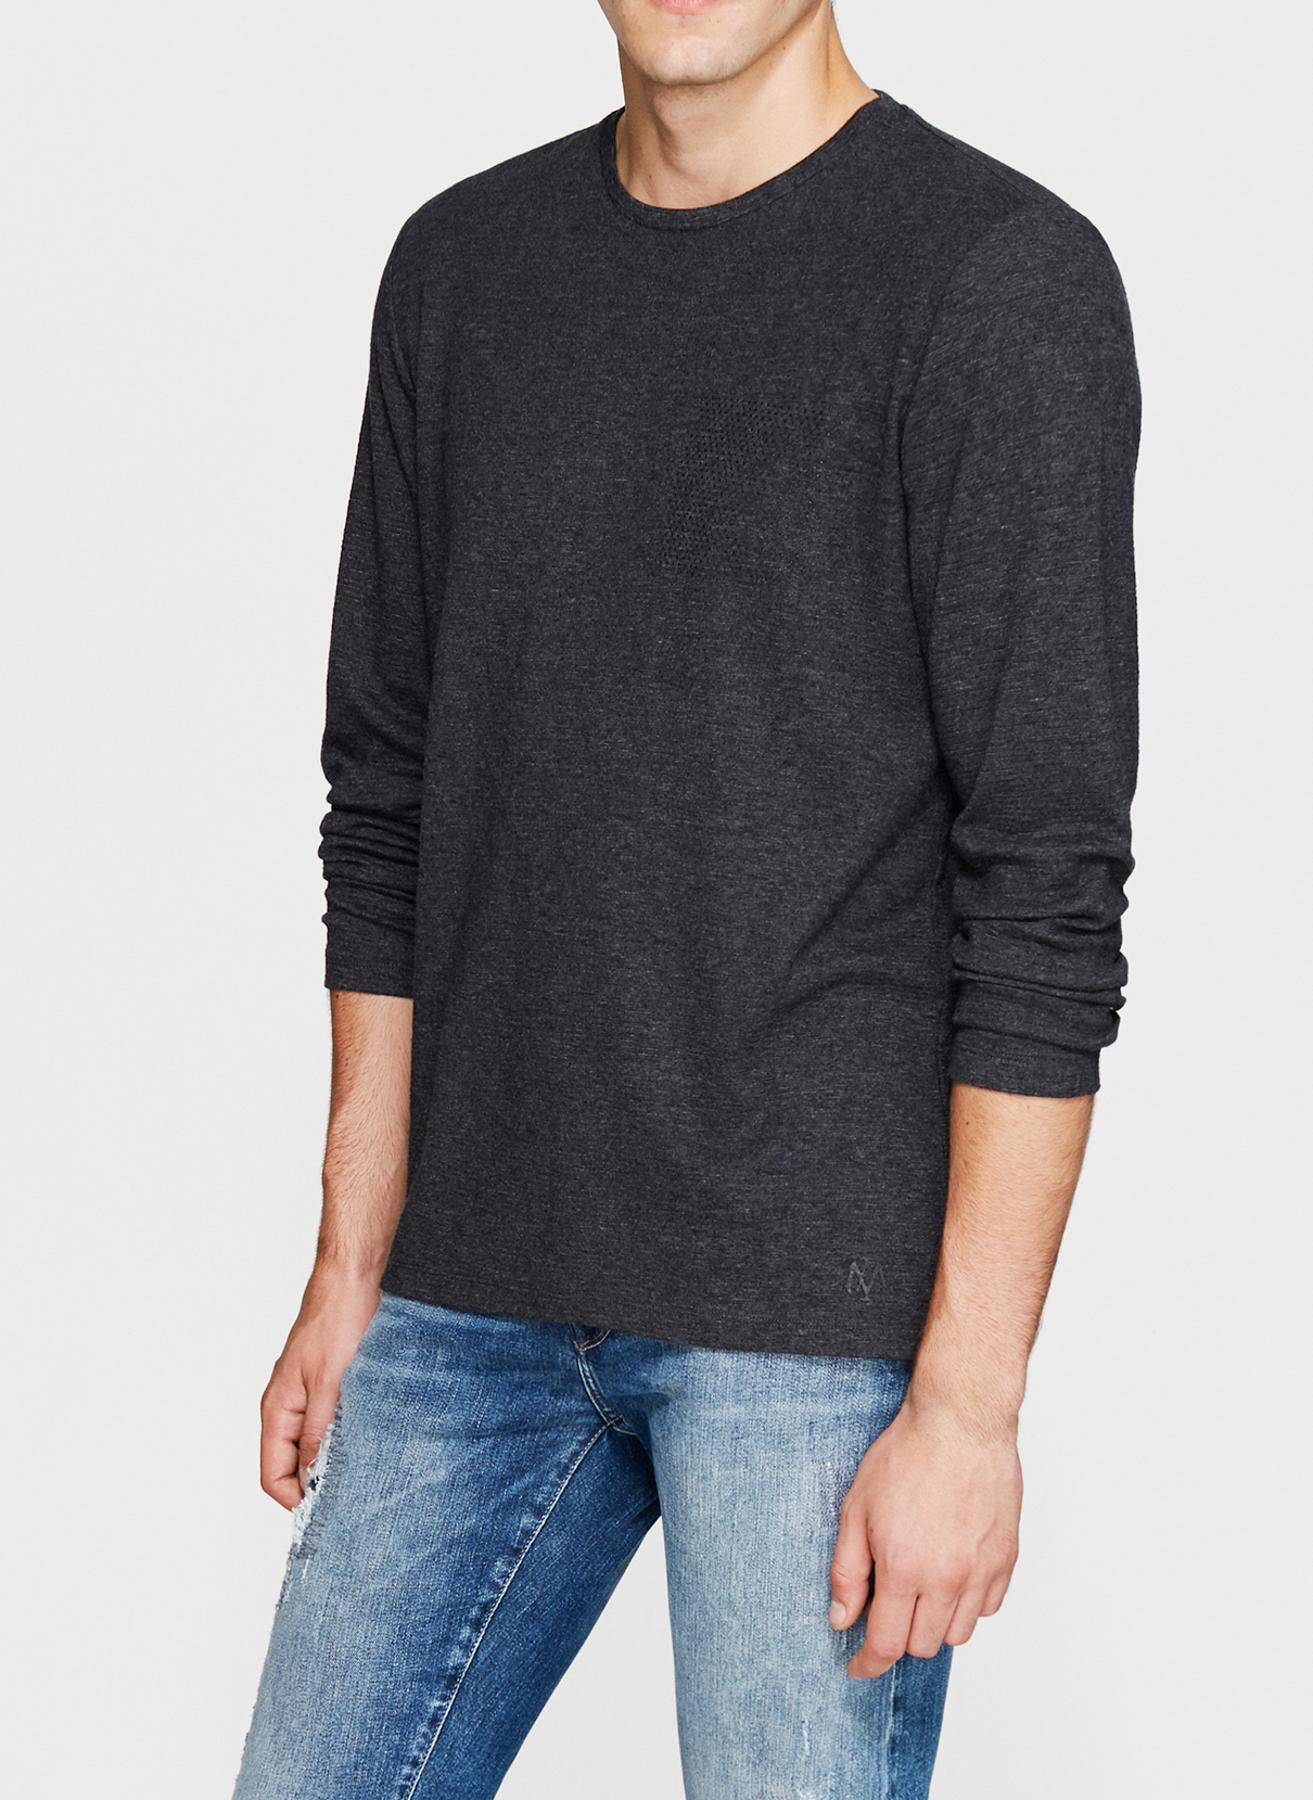 Mavi T-Shirt S 5001634586003 Ürün Resmi